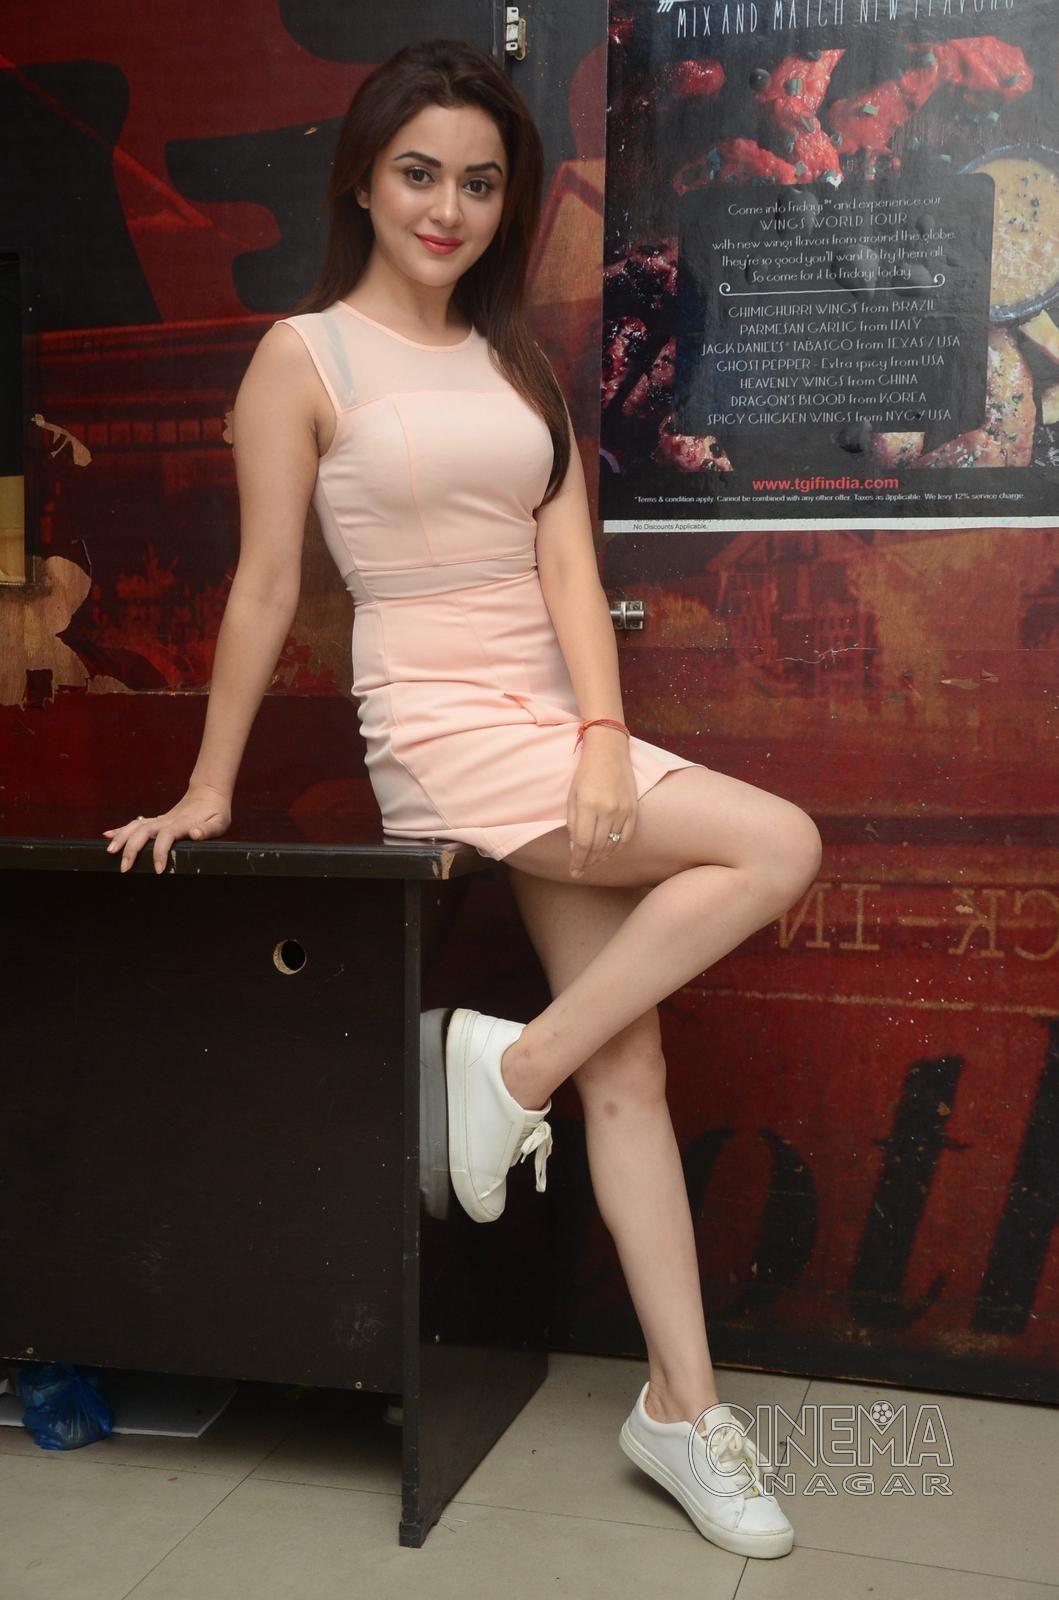 Ragini Nandwani 038 Mini Dress Indian Tv Actress Fashion